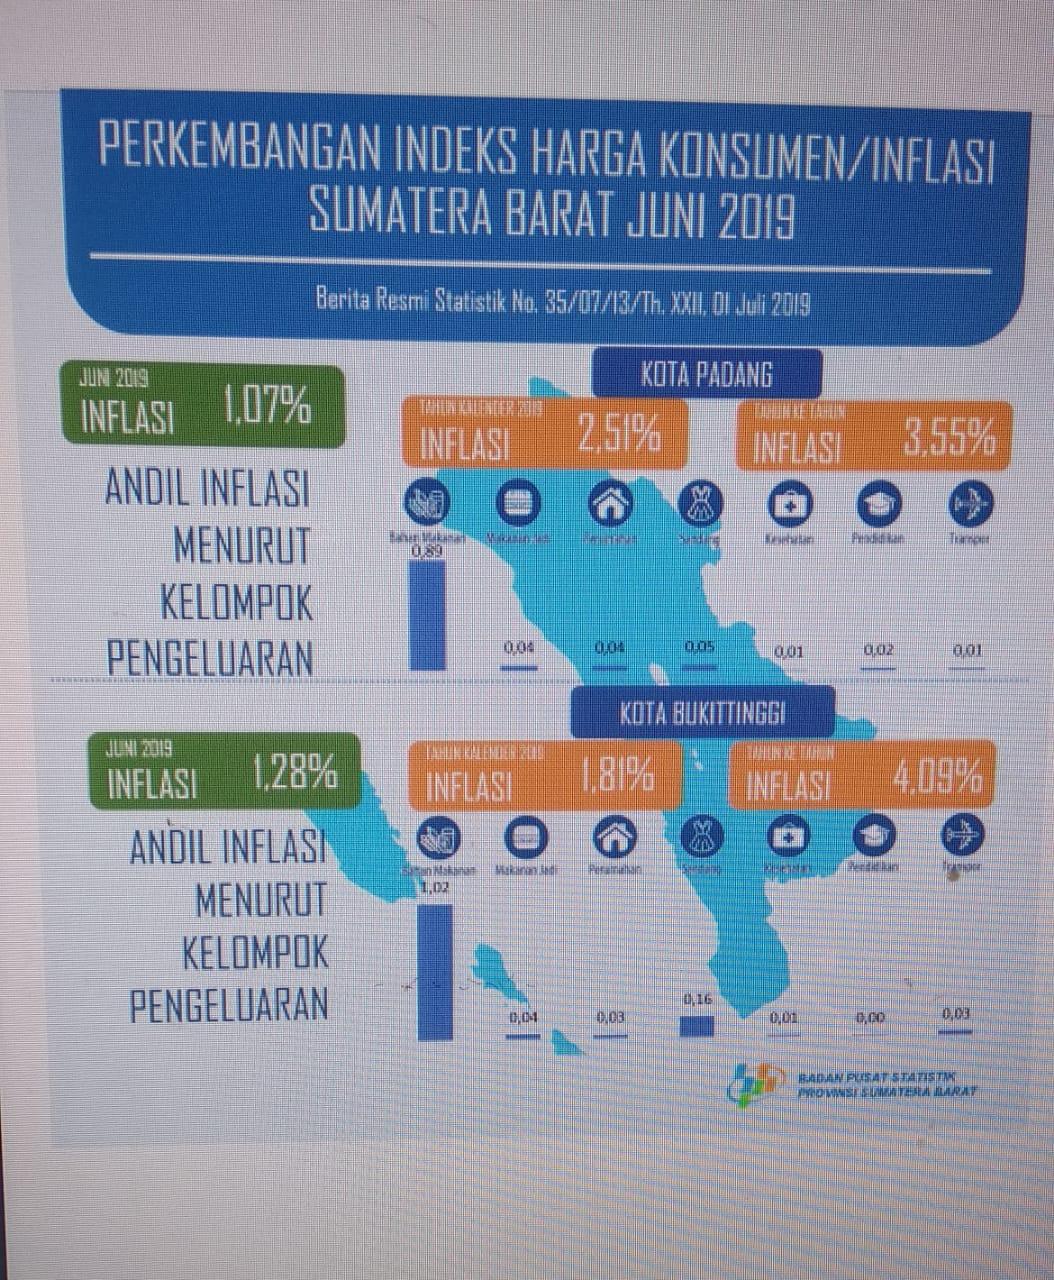 Perkembangan Indeks Harga Konsumen/Inflasi Sumatera Barat Juni 2019